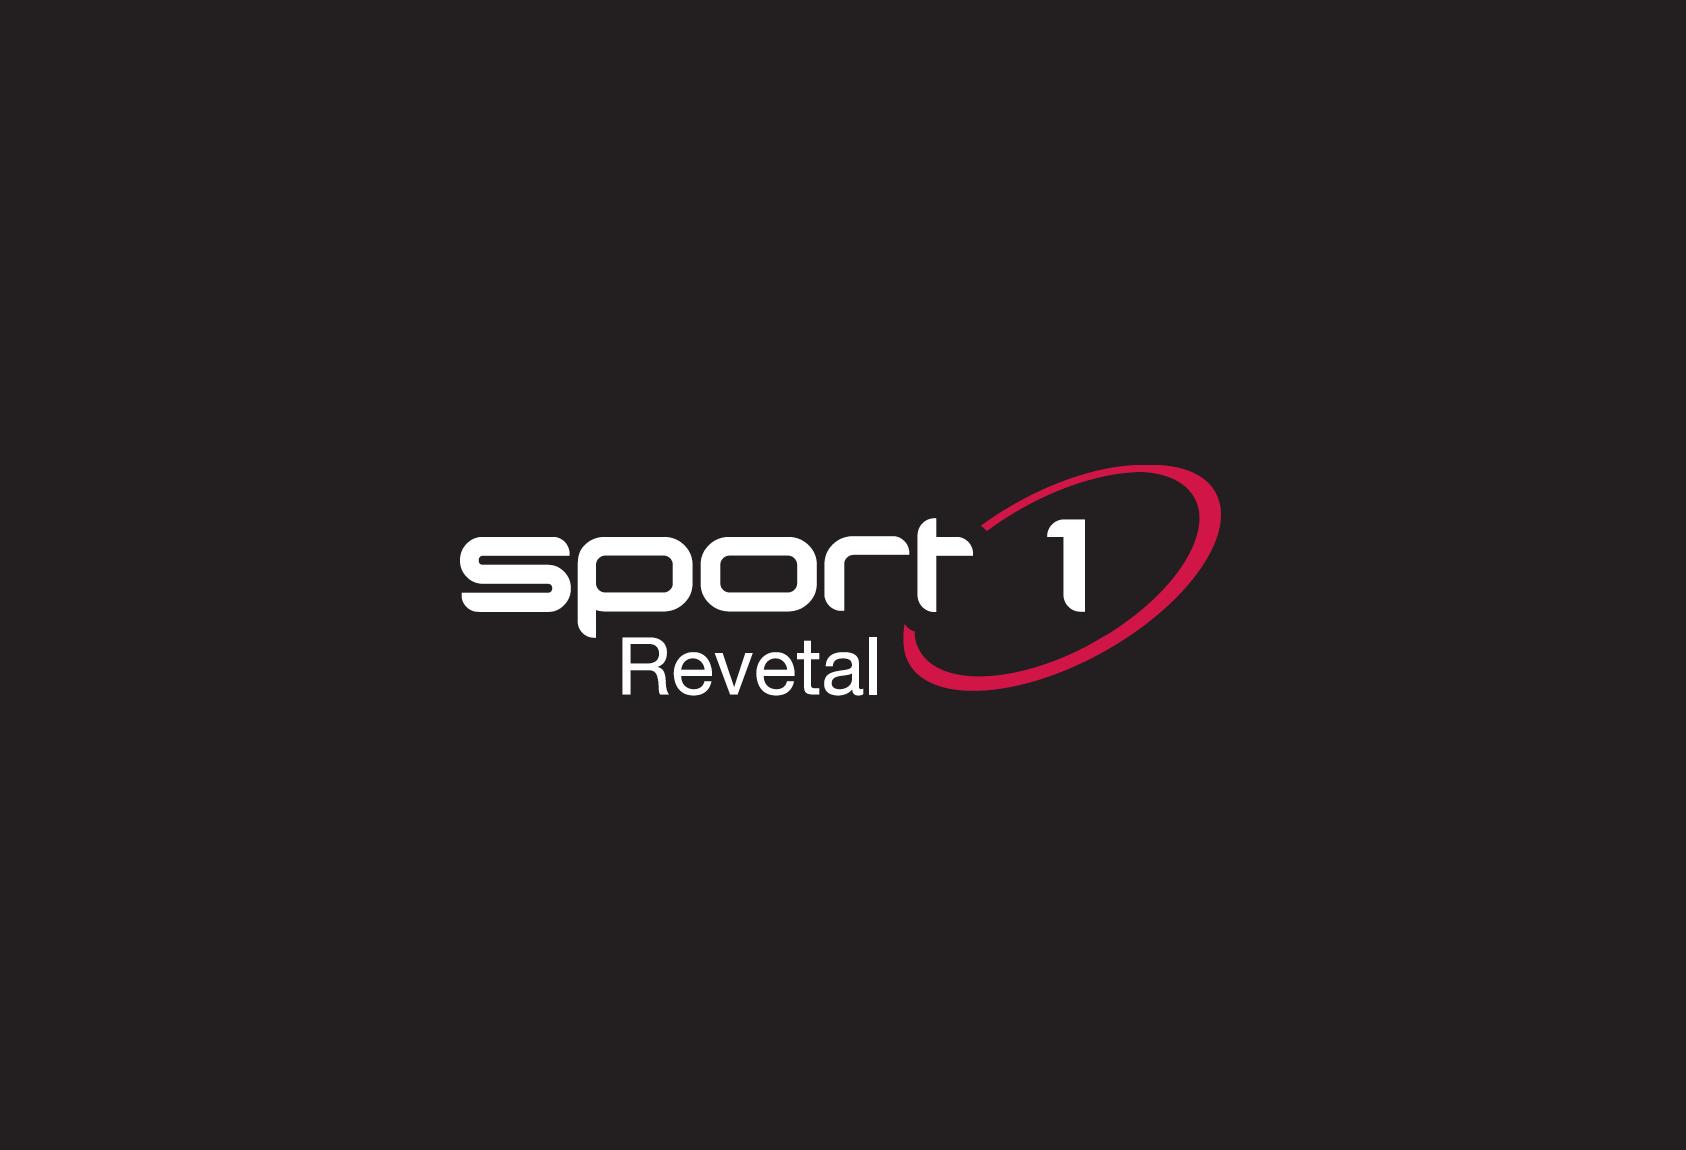 Sport1_Revetal_Vertikal